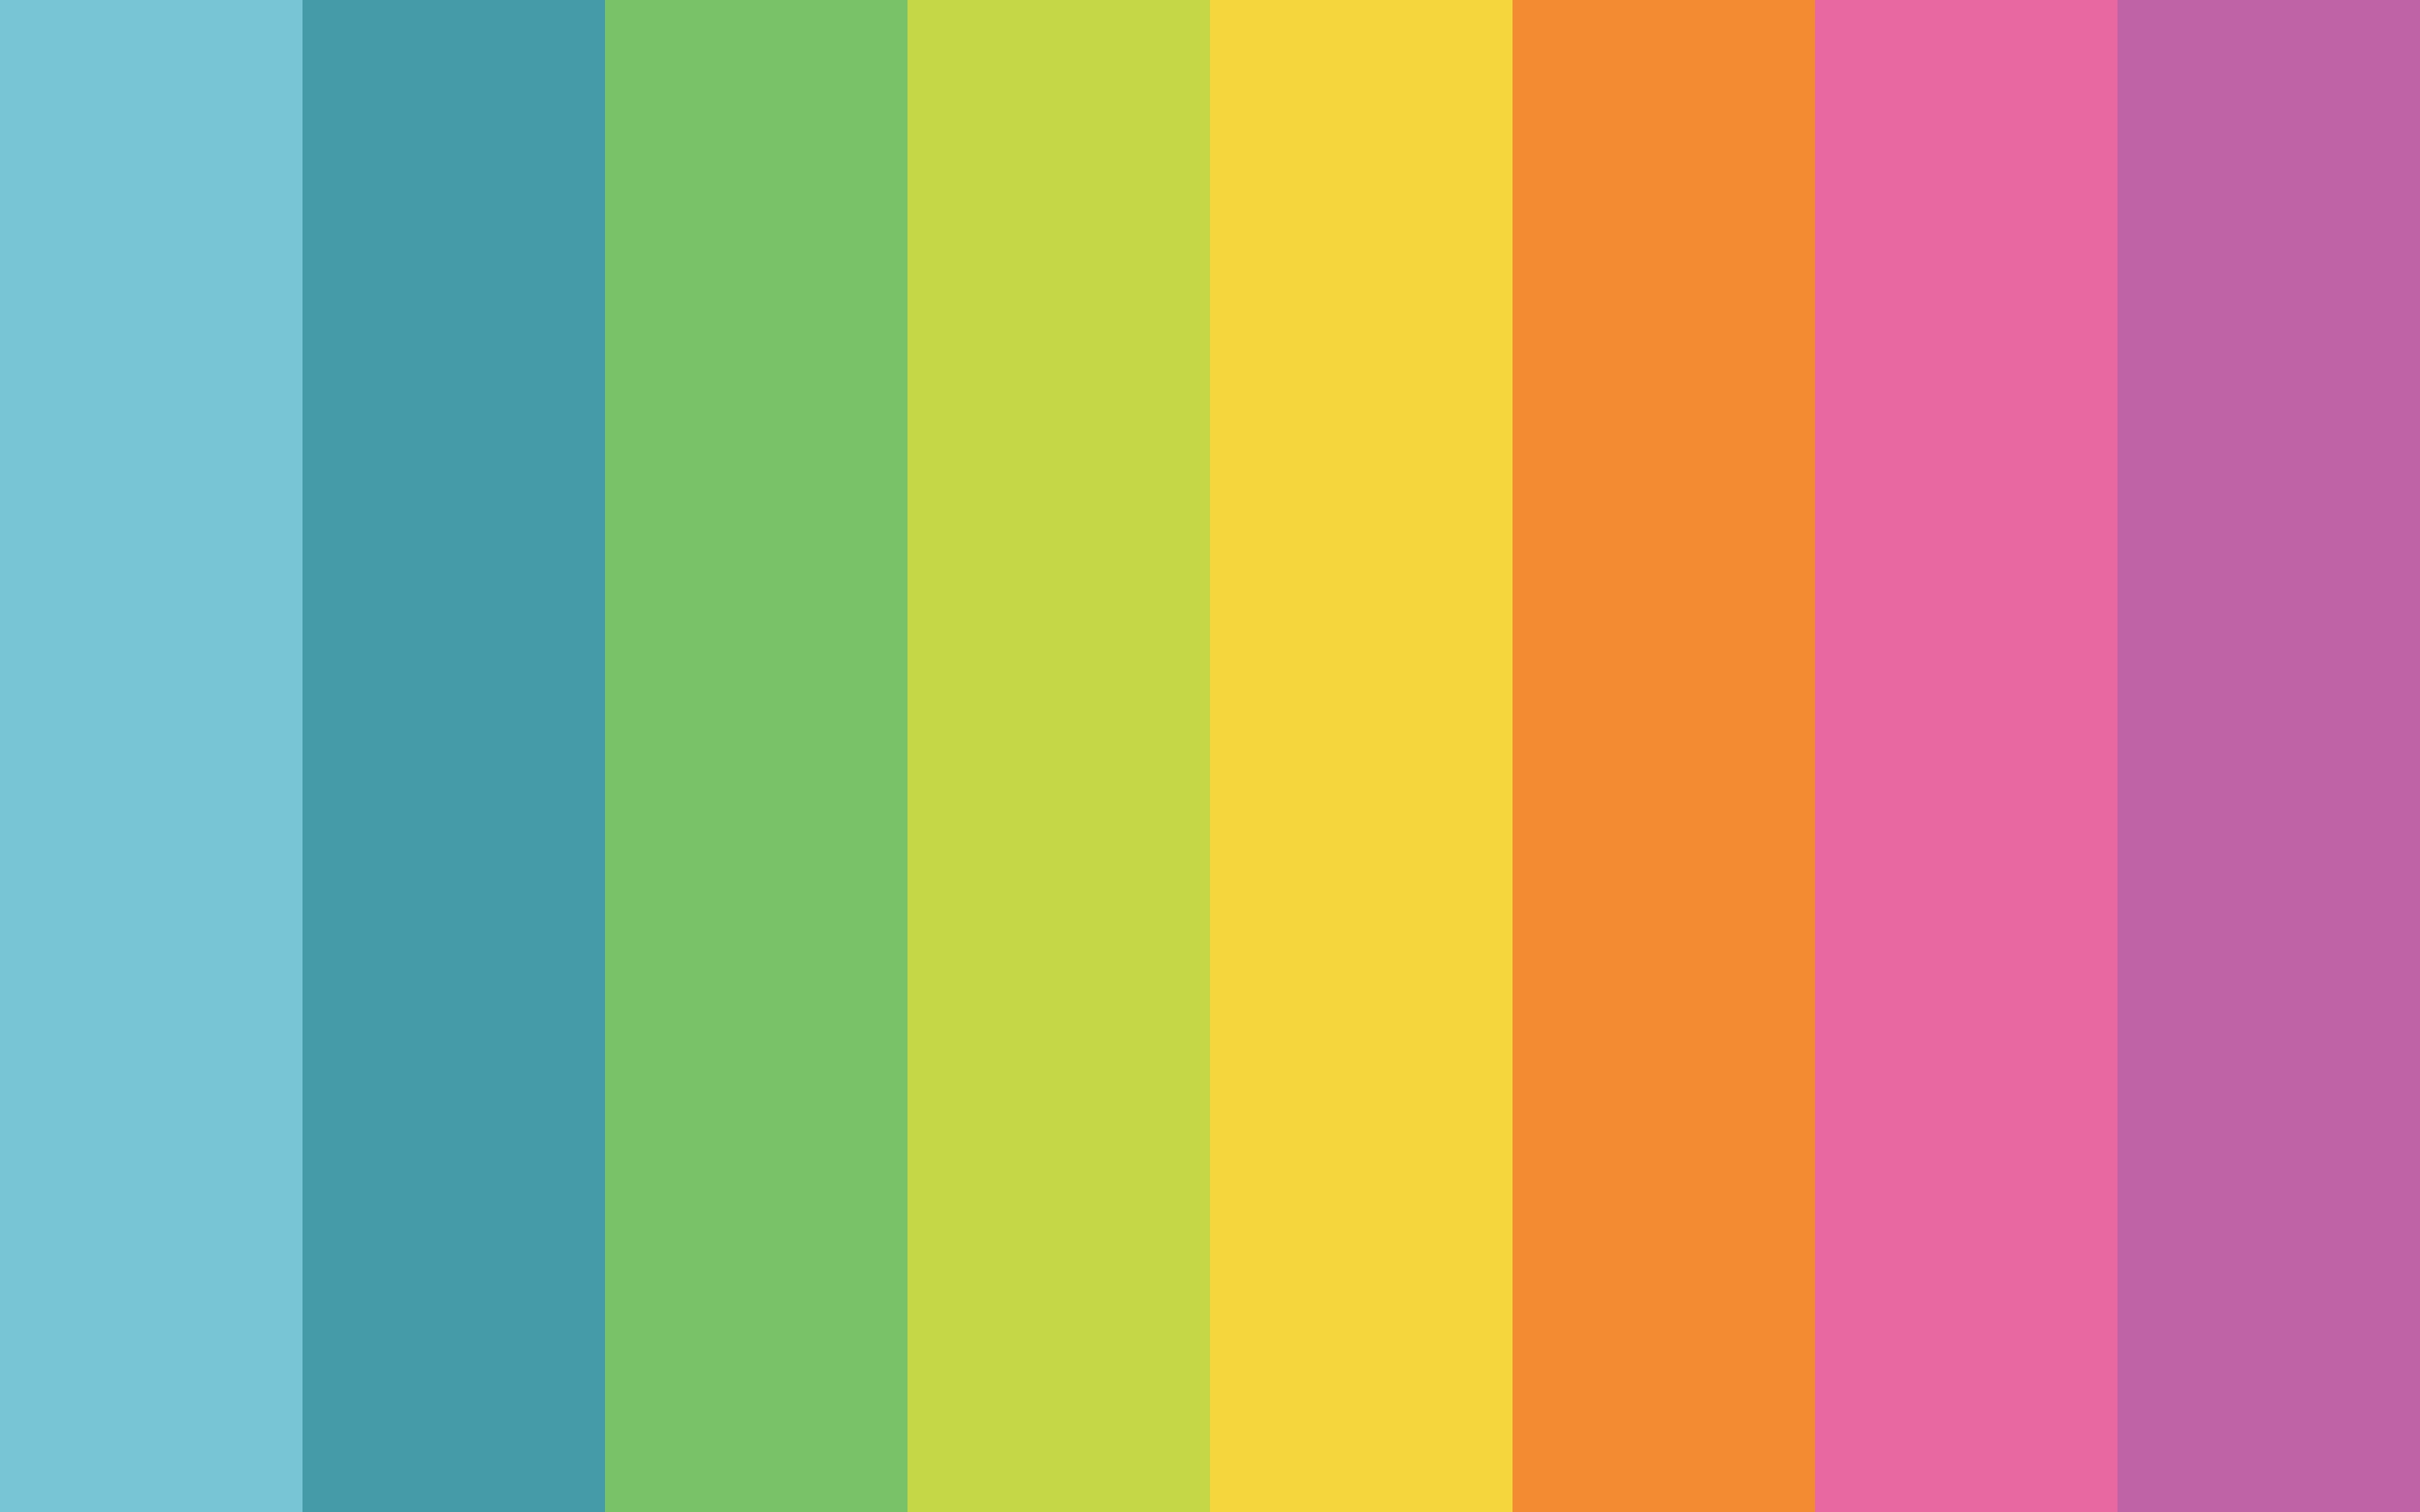 цвета колор картинки песне говорится